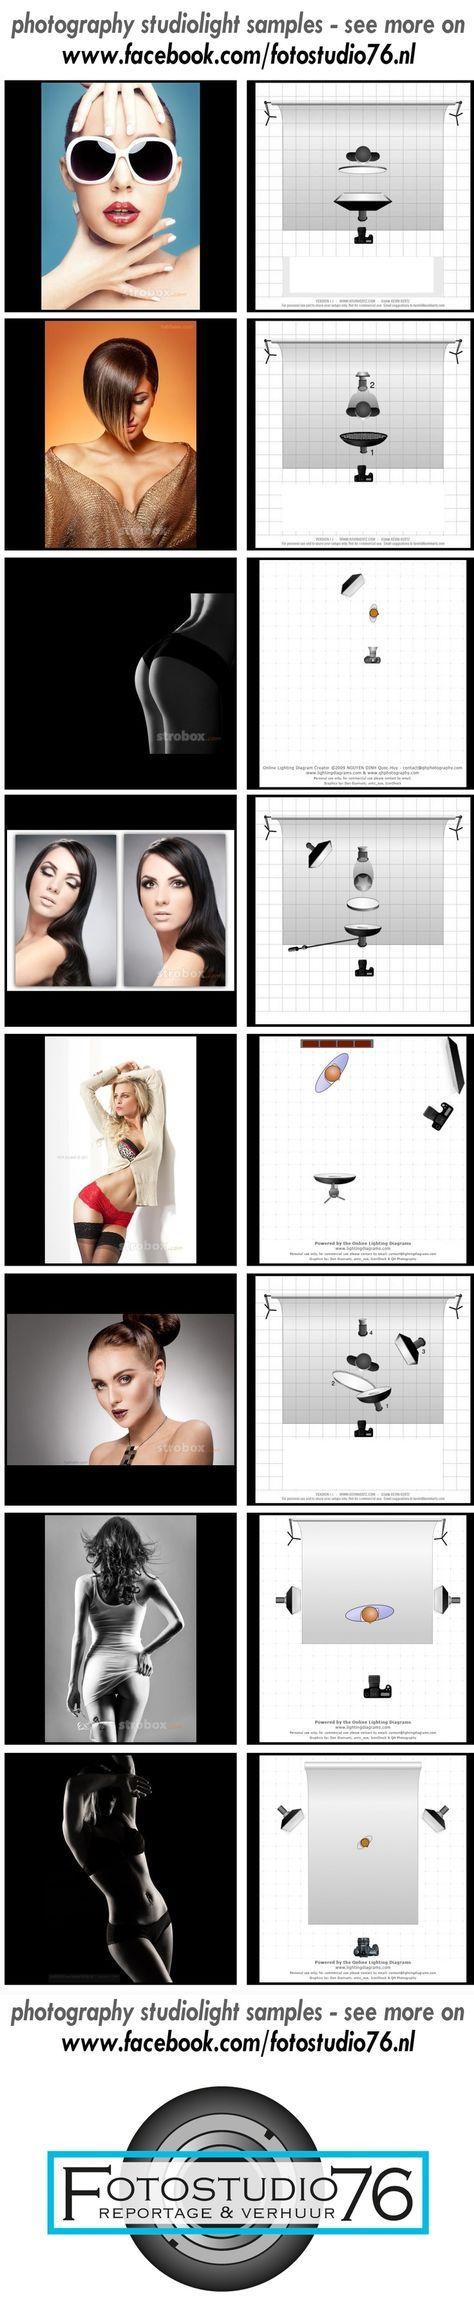 Studio inspiratie opstellingen voor in de fotostudio, zo leren we elkaar hoe we doelen kunnen bereiken. Doe mee en deel jou inspiratie met anderen via www.facebook.com/fotostudio76.nl, wordt fan van onze pagina en bekijk alle honderden voorbeelden van licht opstellingen voor eens uit te proberen, doe je mee?: